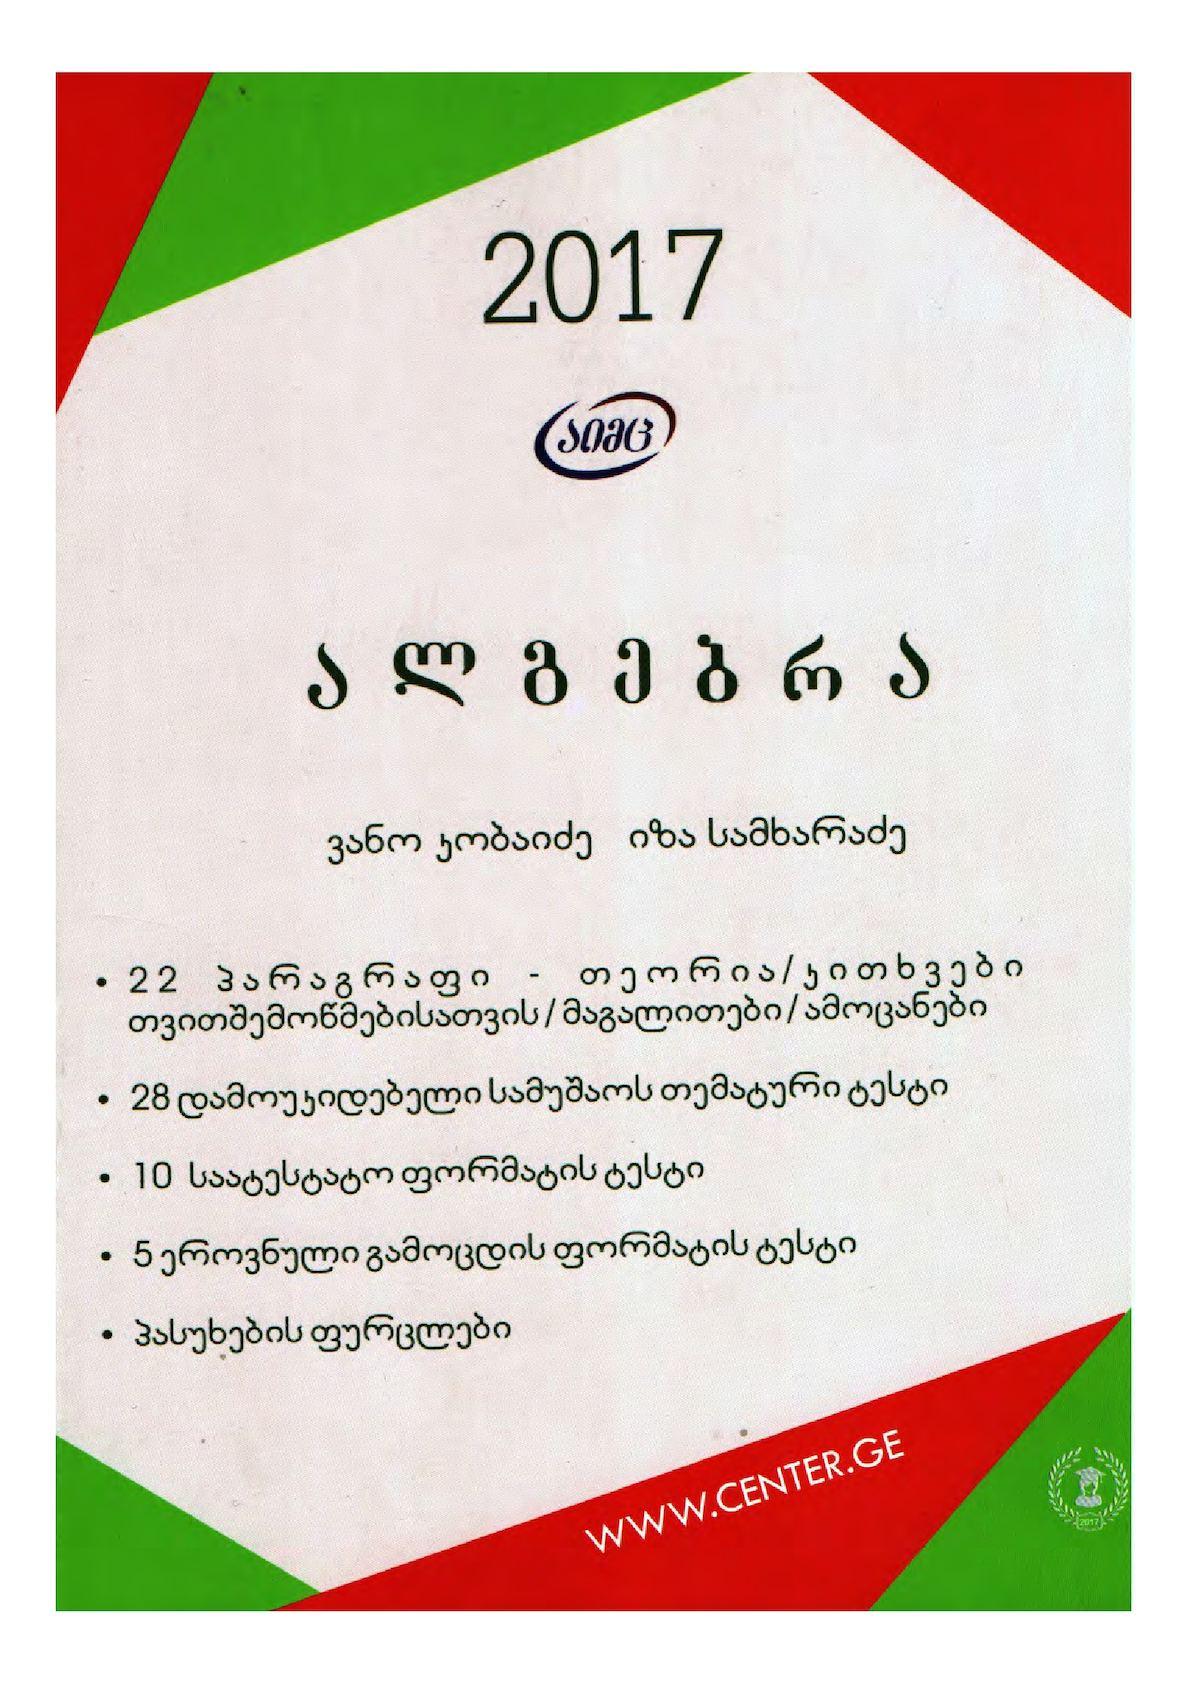 ალგებრა აიმც 2017 (ვ კობაიძე, ი სამხარაძე)